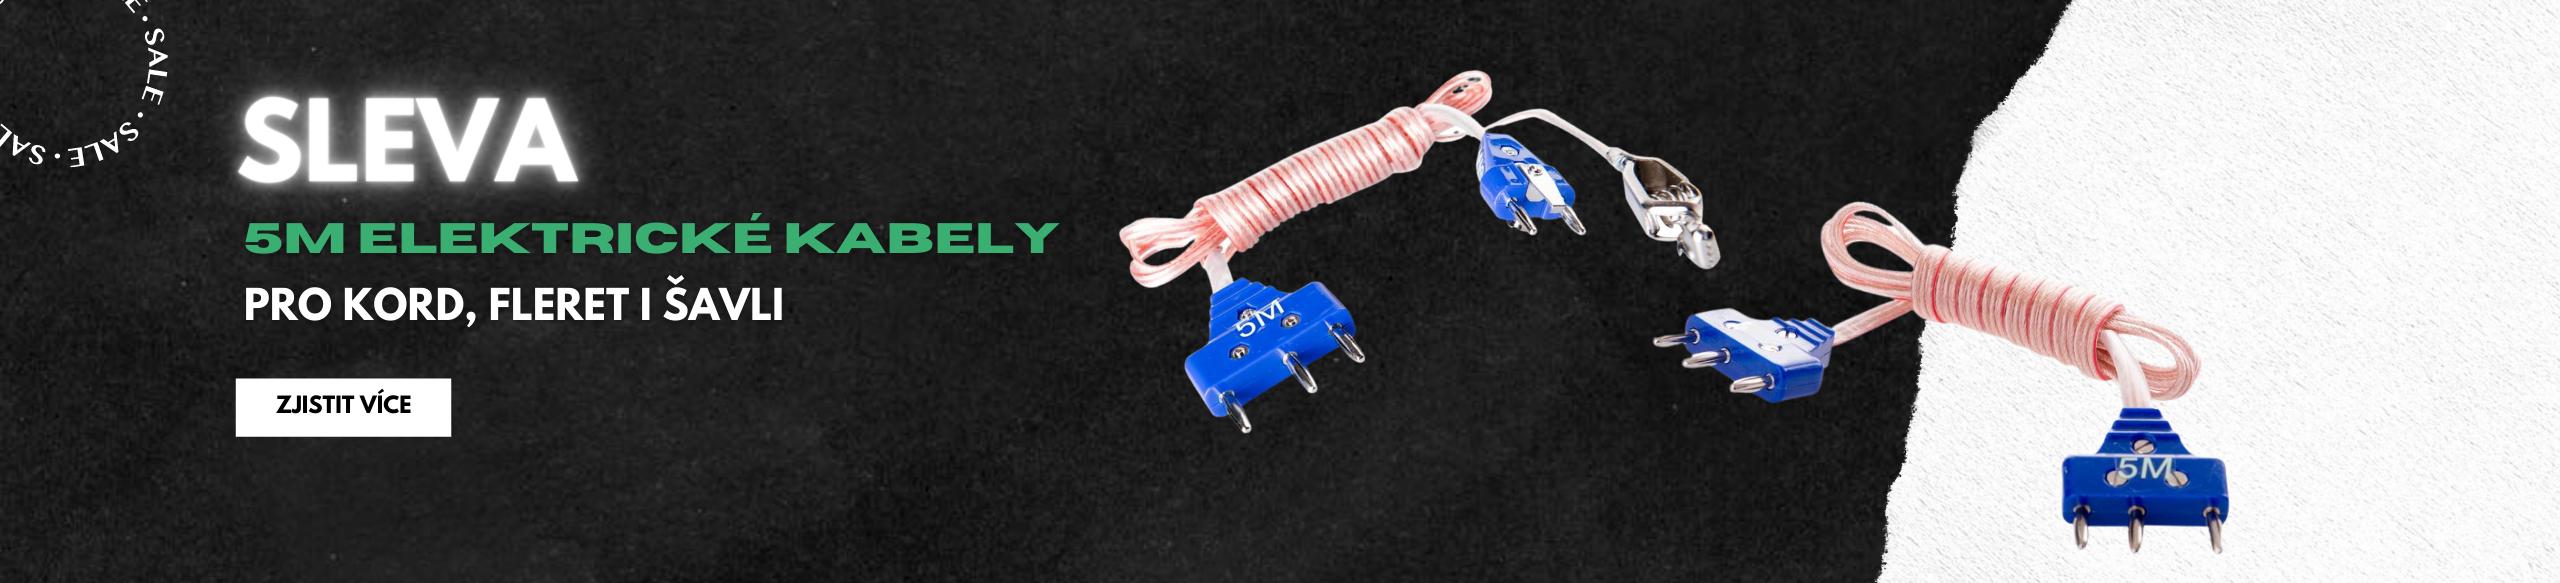 Výprodej elelktrických kabelů 5M pro kord, fleret i šavli